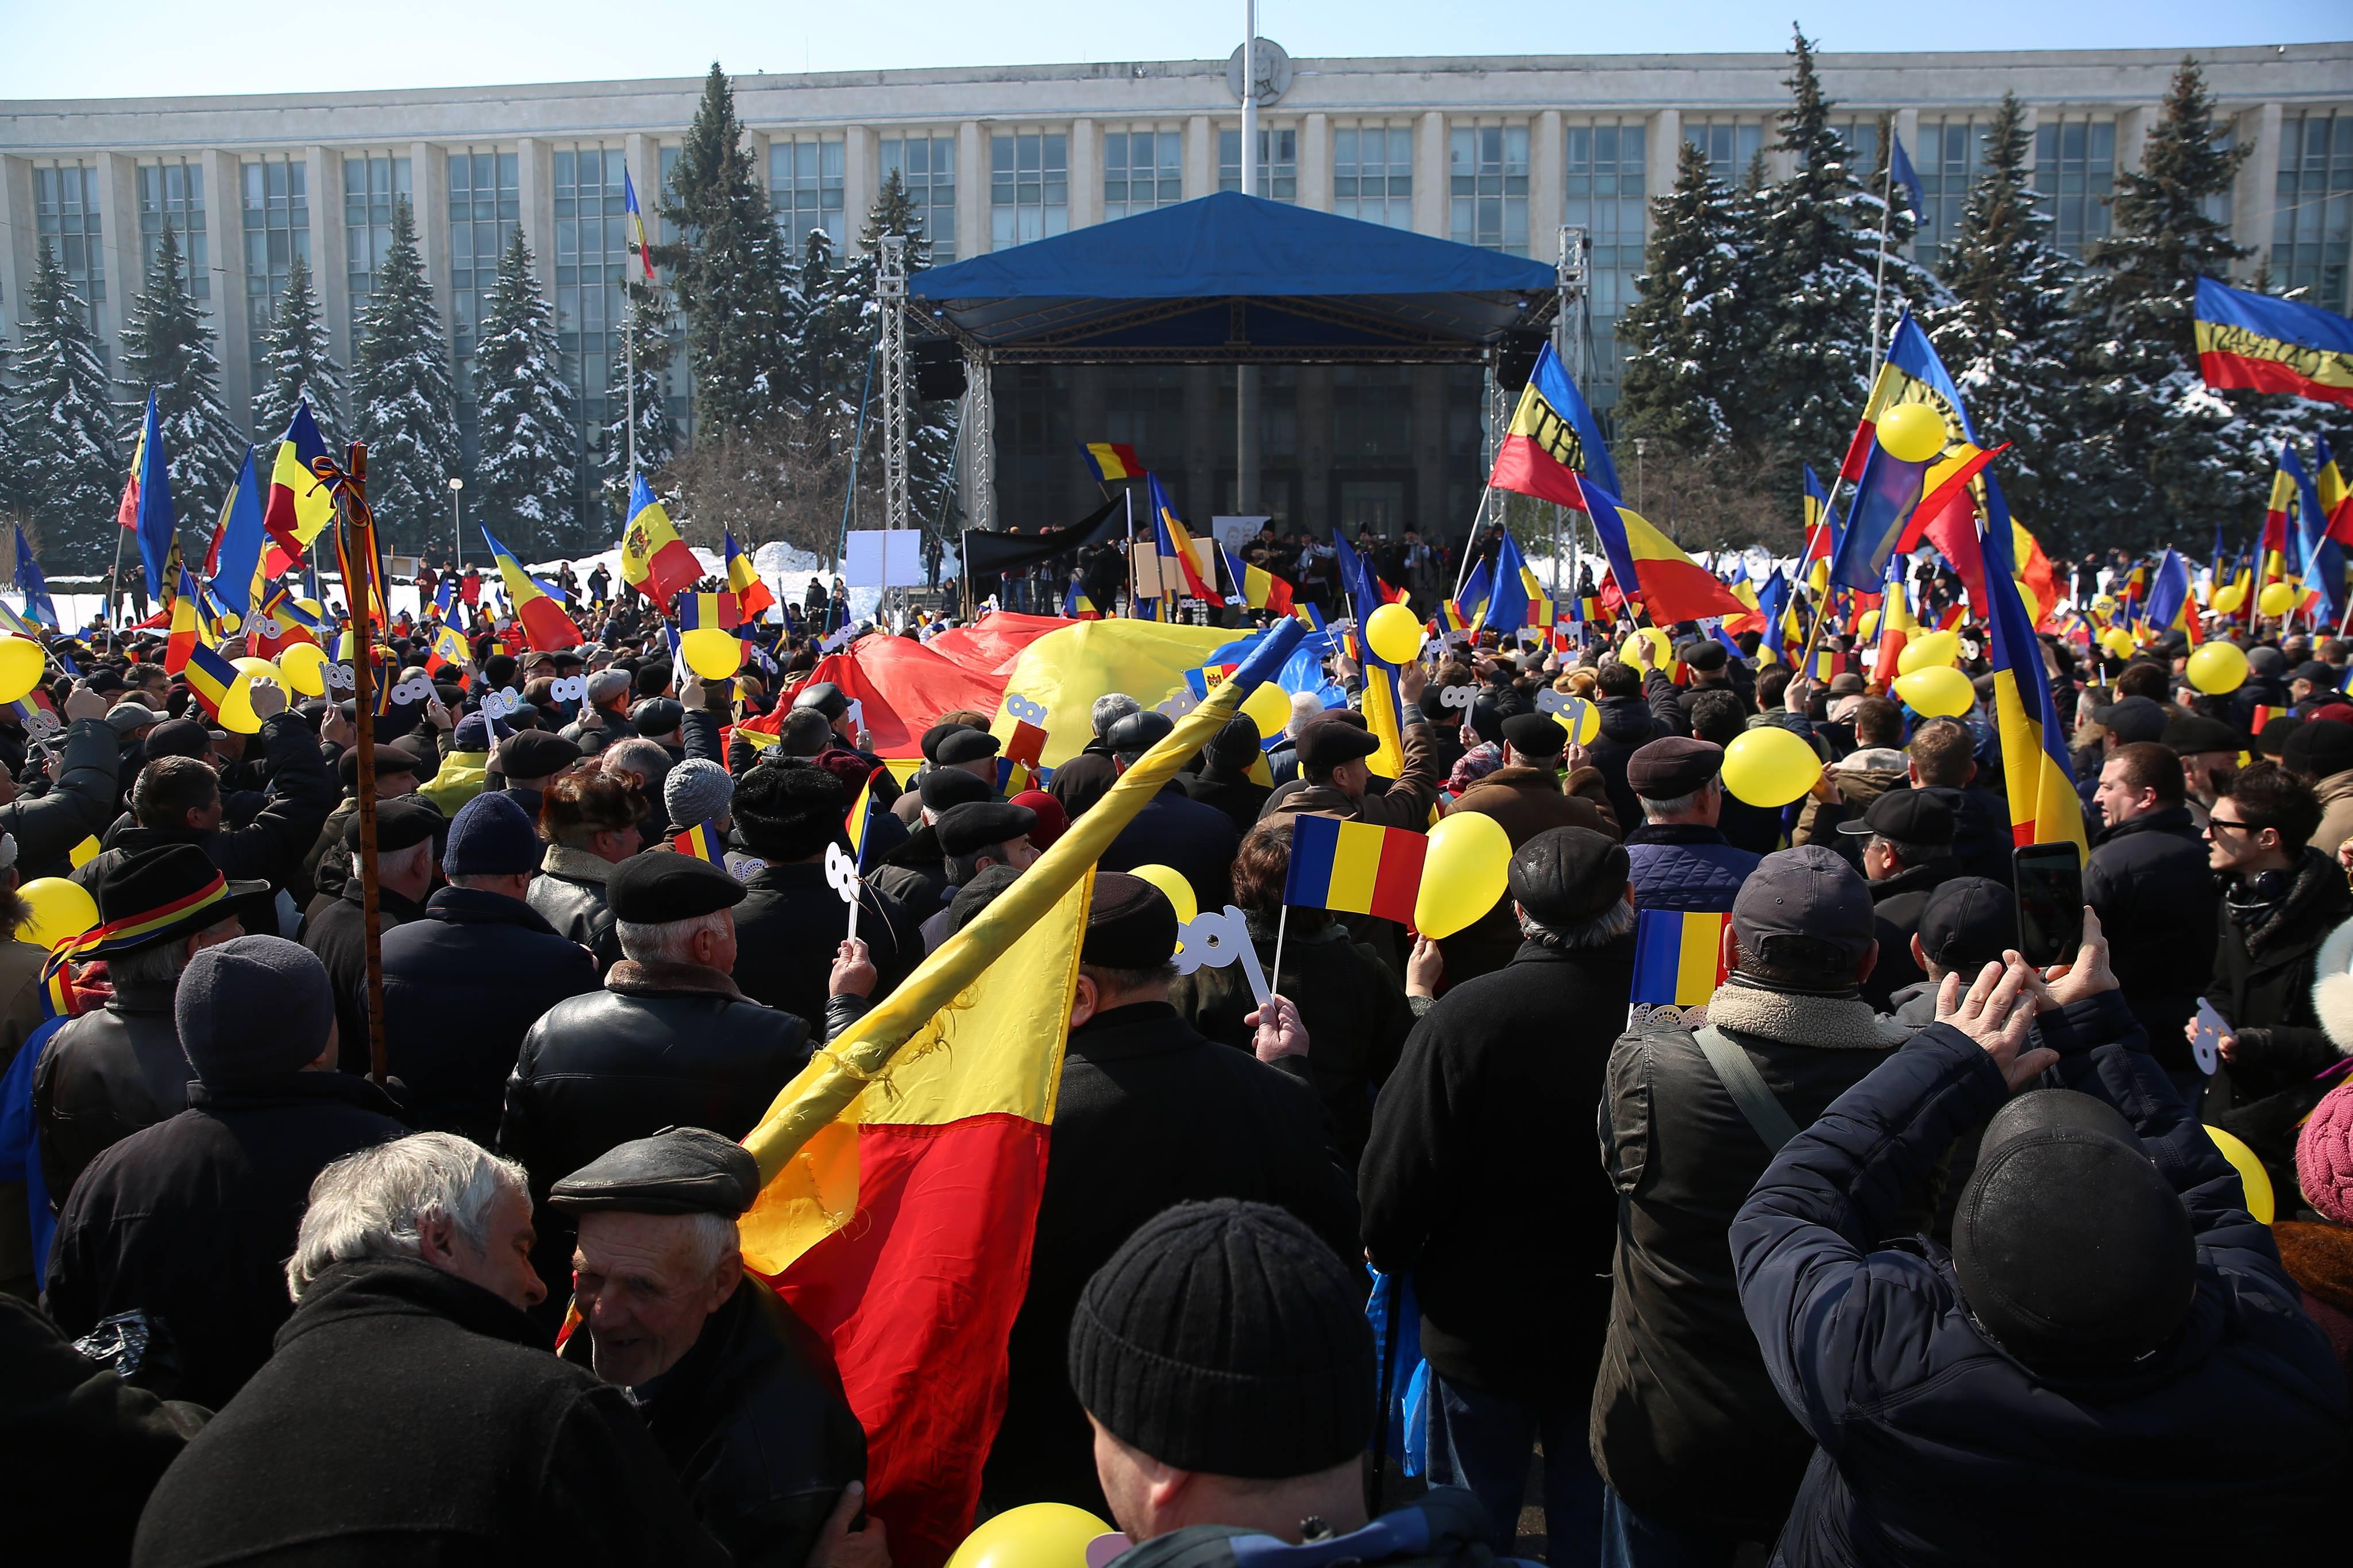 Lider de partid, în PMAN: Unire, frați români!